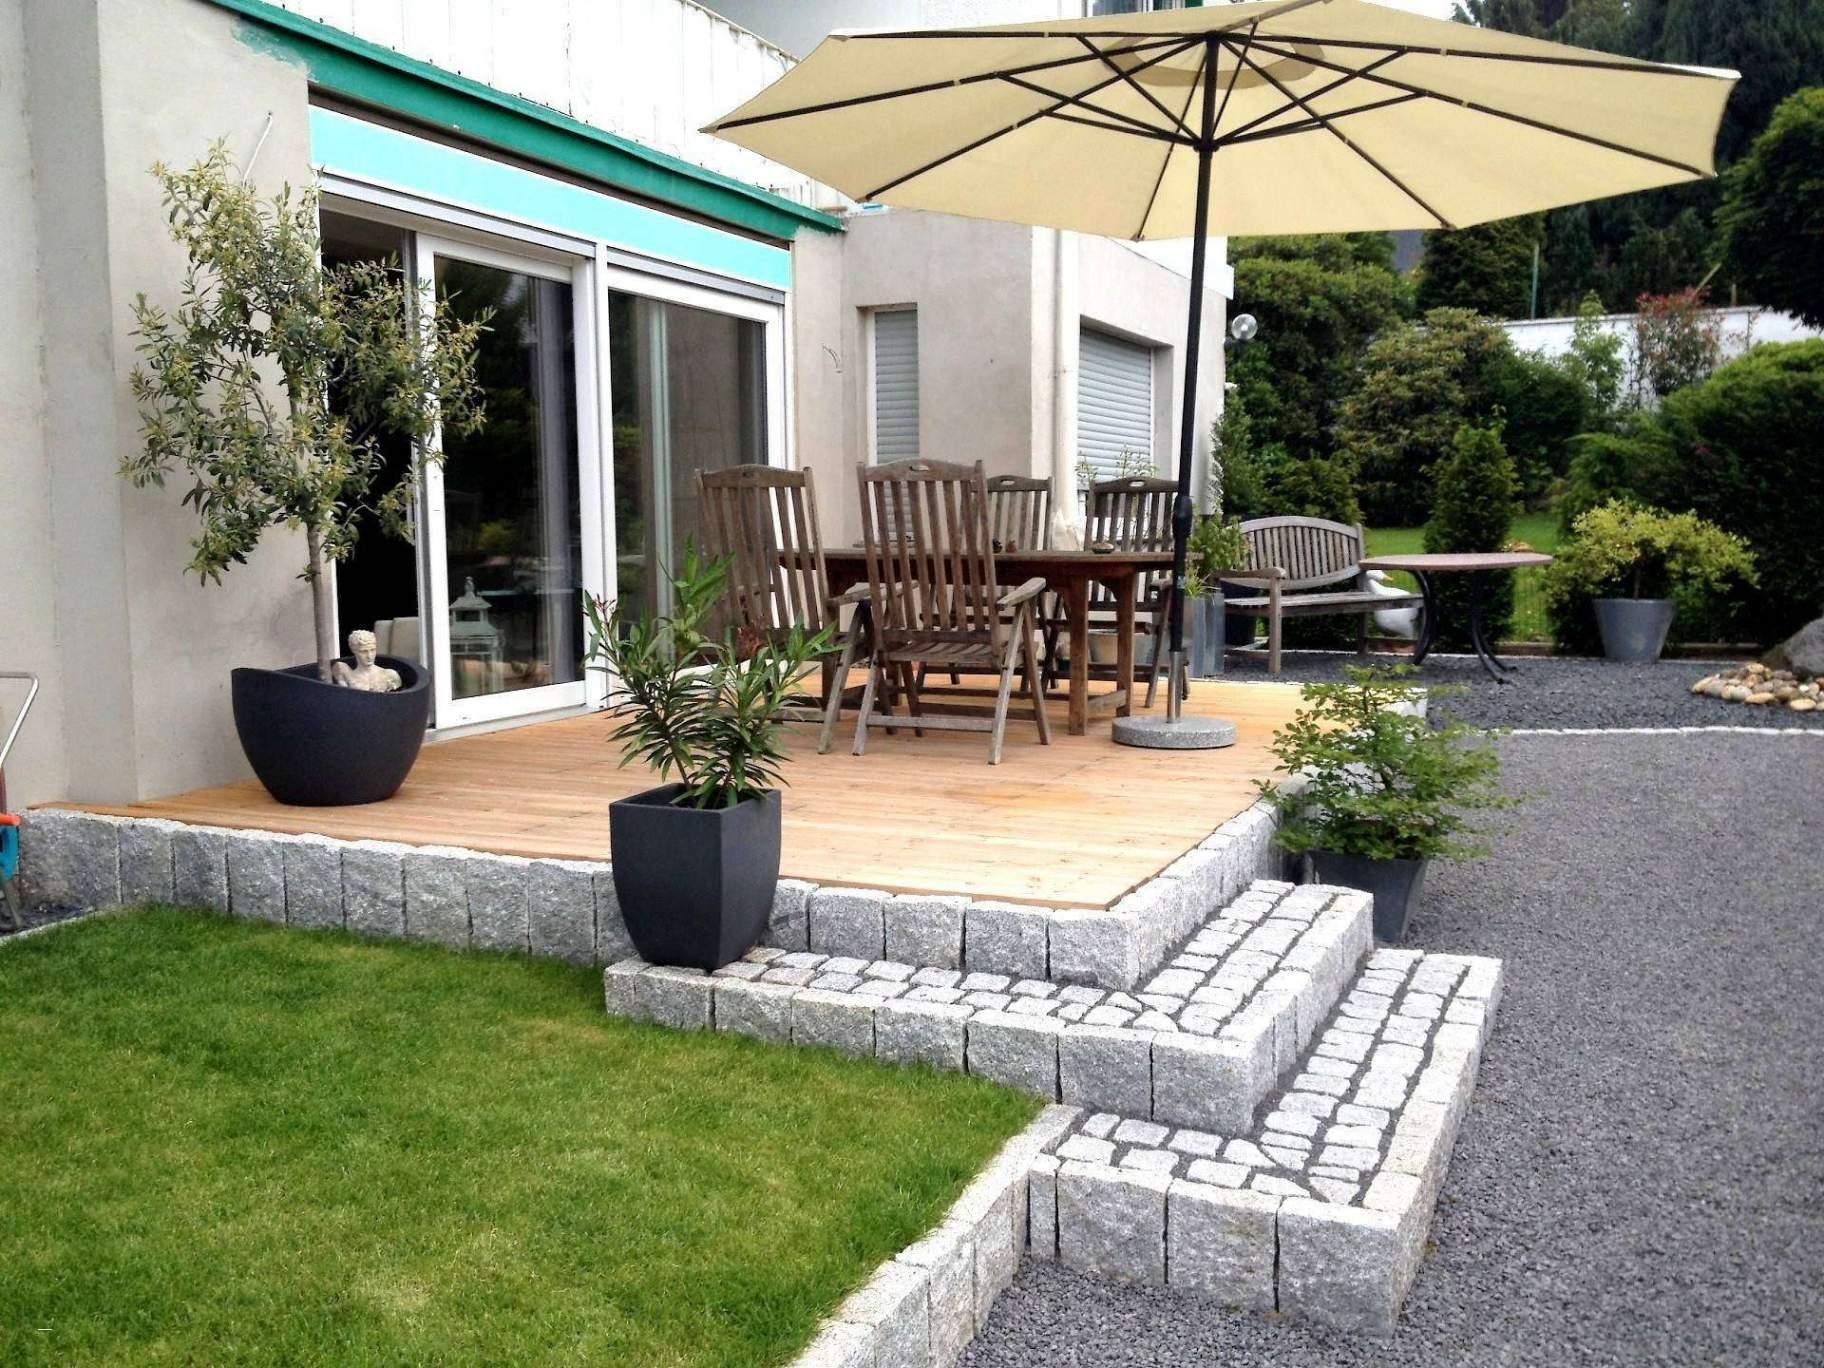 überdachung Garten Selber Bauen Einzigartig Kleiner Wintergarten Ideen — Temobardz Home Blog